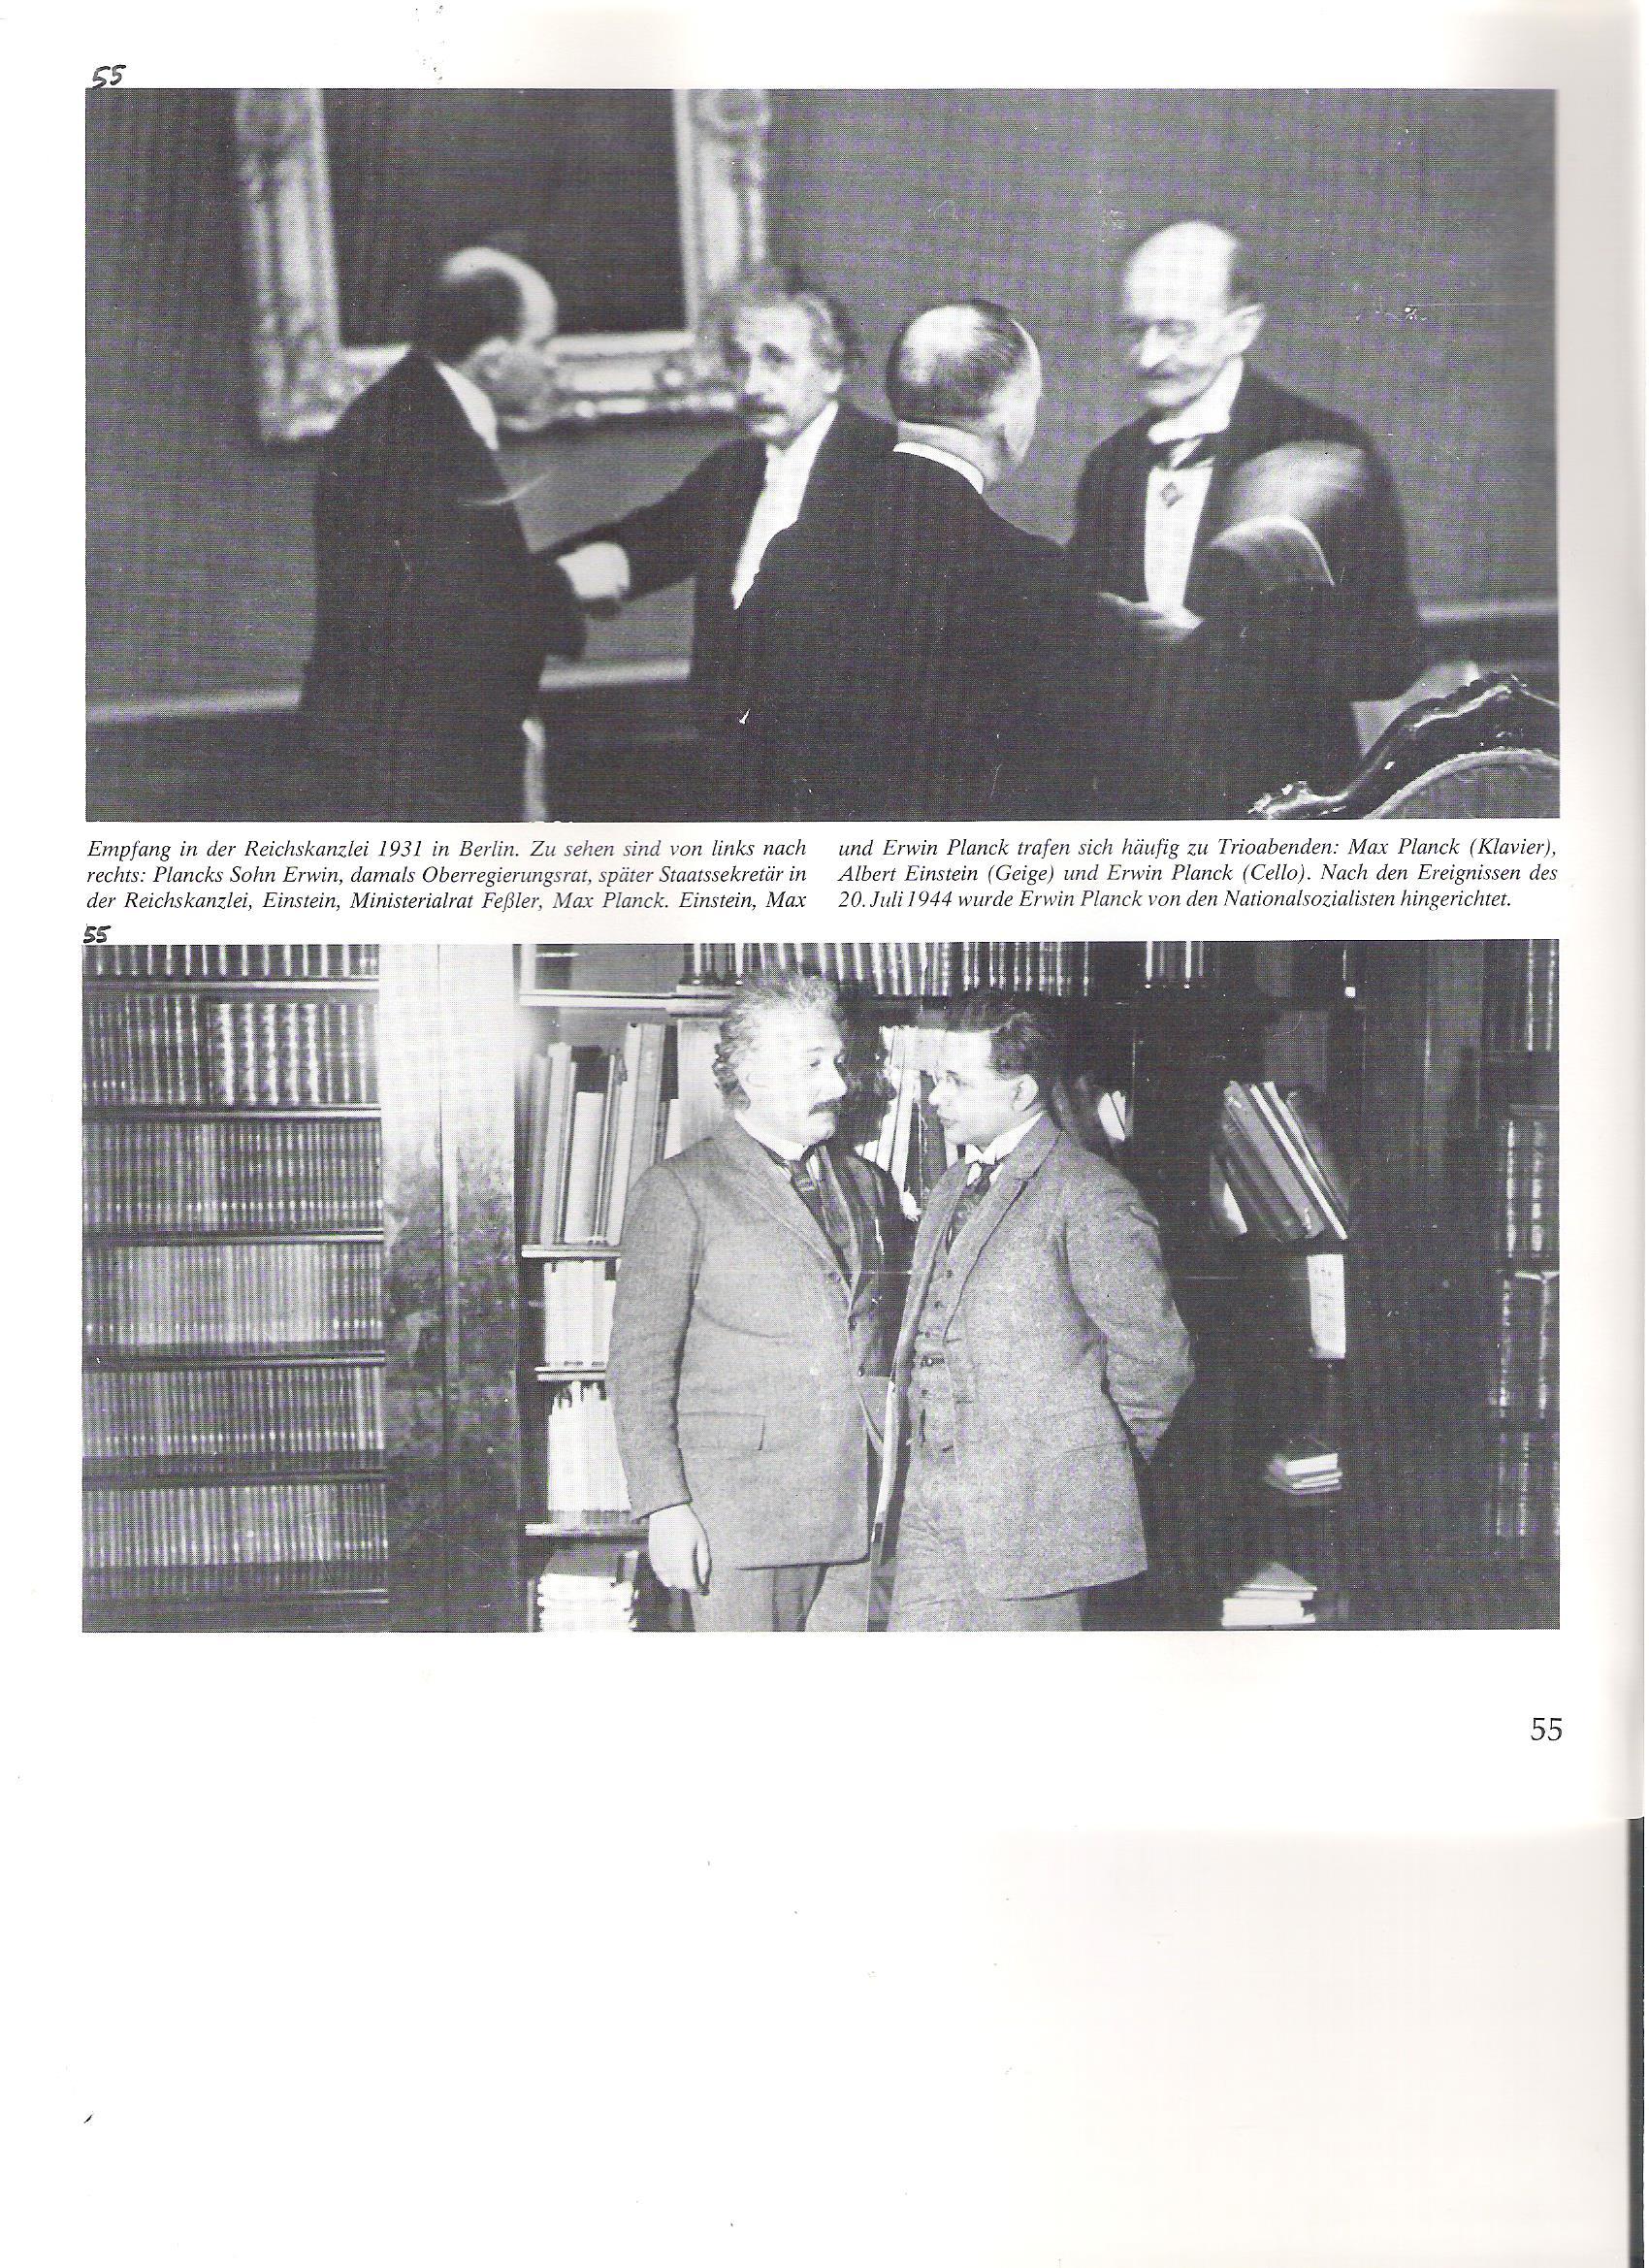 55<br />Fogadás a Birodalmi Kancelláriában, Berlin, 1931. <br />Balról jobbra: Planck fia Erwin, akkoriban kormányzati tanácsos, később államtitkár a Birodalmi Kancelláriában, Einstein, Feßler miniszteri tanácsos, Max Planck.<br />Einstein és Erwin Planck gyakran találkoztak a trióestéken: Max Planck (zongora), Einstein (hegedű), Erwin Planck (cselló). Az 1944. Július 20.-i események után Erwin Planckot a nemzetiszocialisták kivégeztették.<br /><br />55<br />Einstein idősebb fiával Hans-Albert-tel berlini lakásukban 1927-ben. A fia csak látogatóban volt Berlinben, anyjával, Einstein elvált feleségével élt Svájcban.